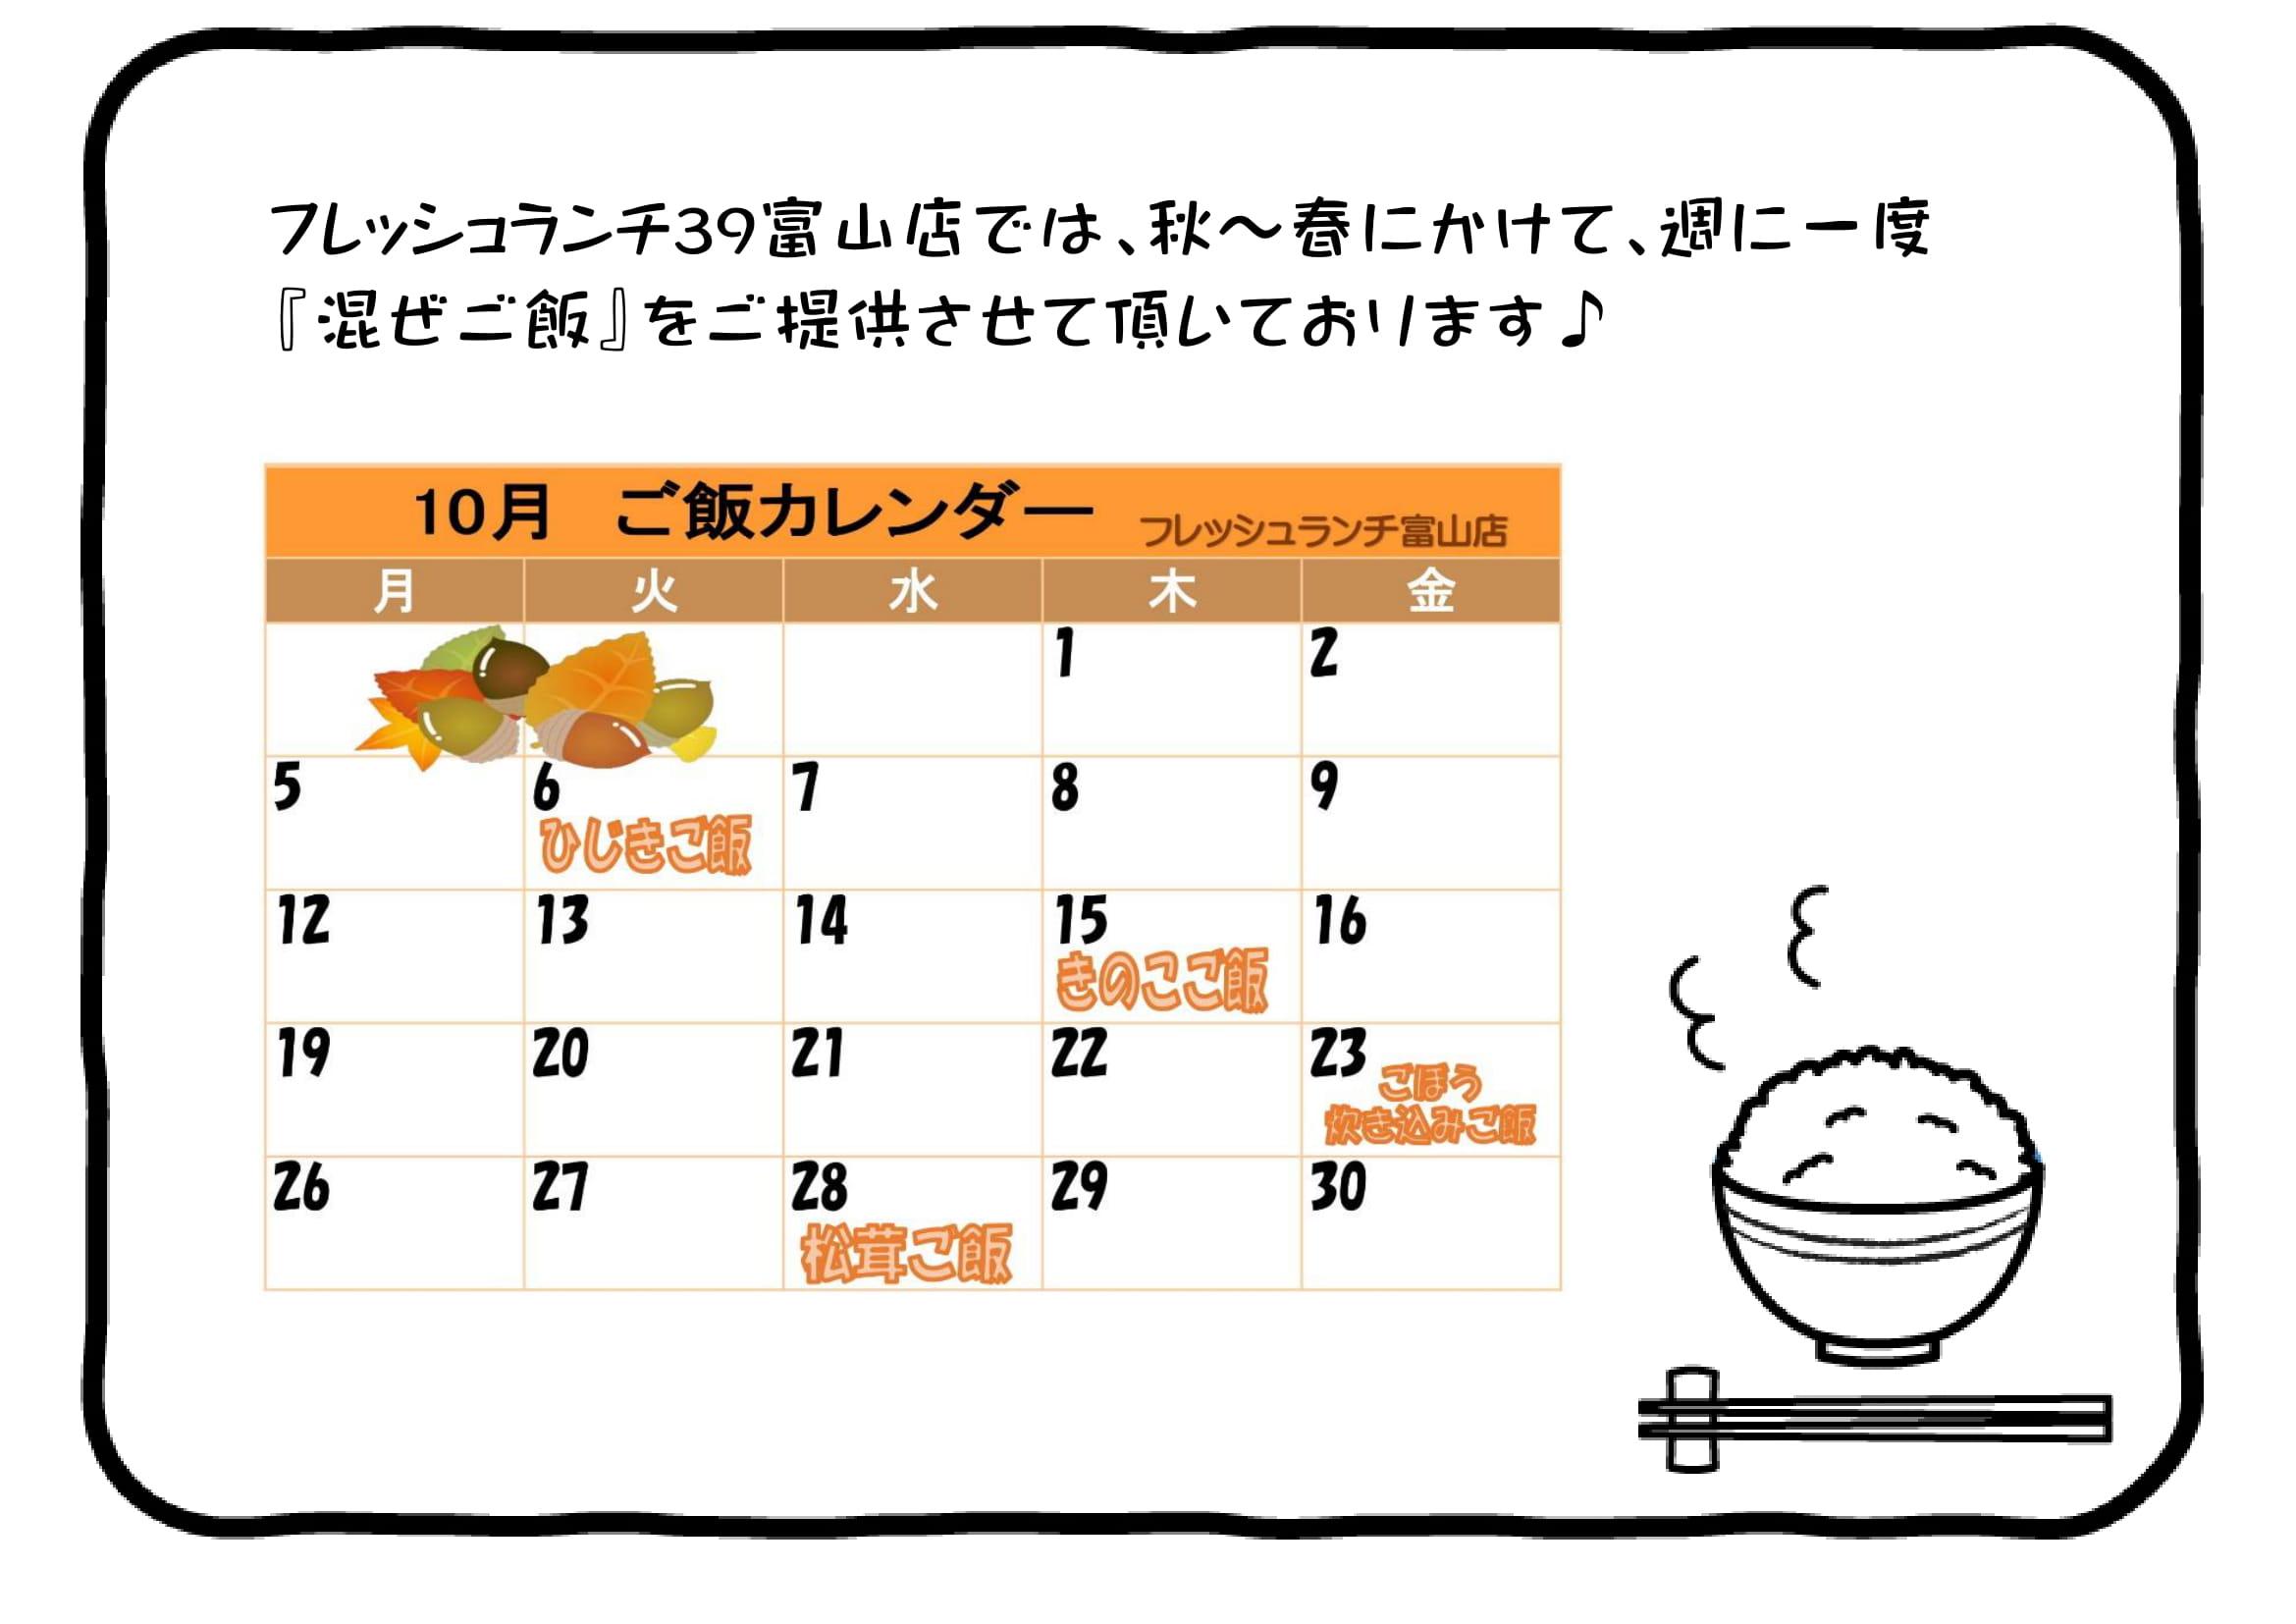 【混ぜご飯】週に一度のお楽しみ(^^)